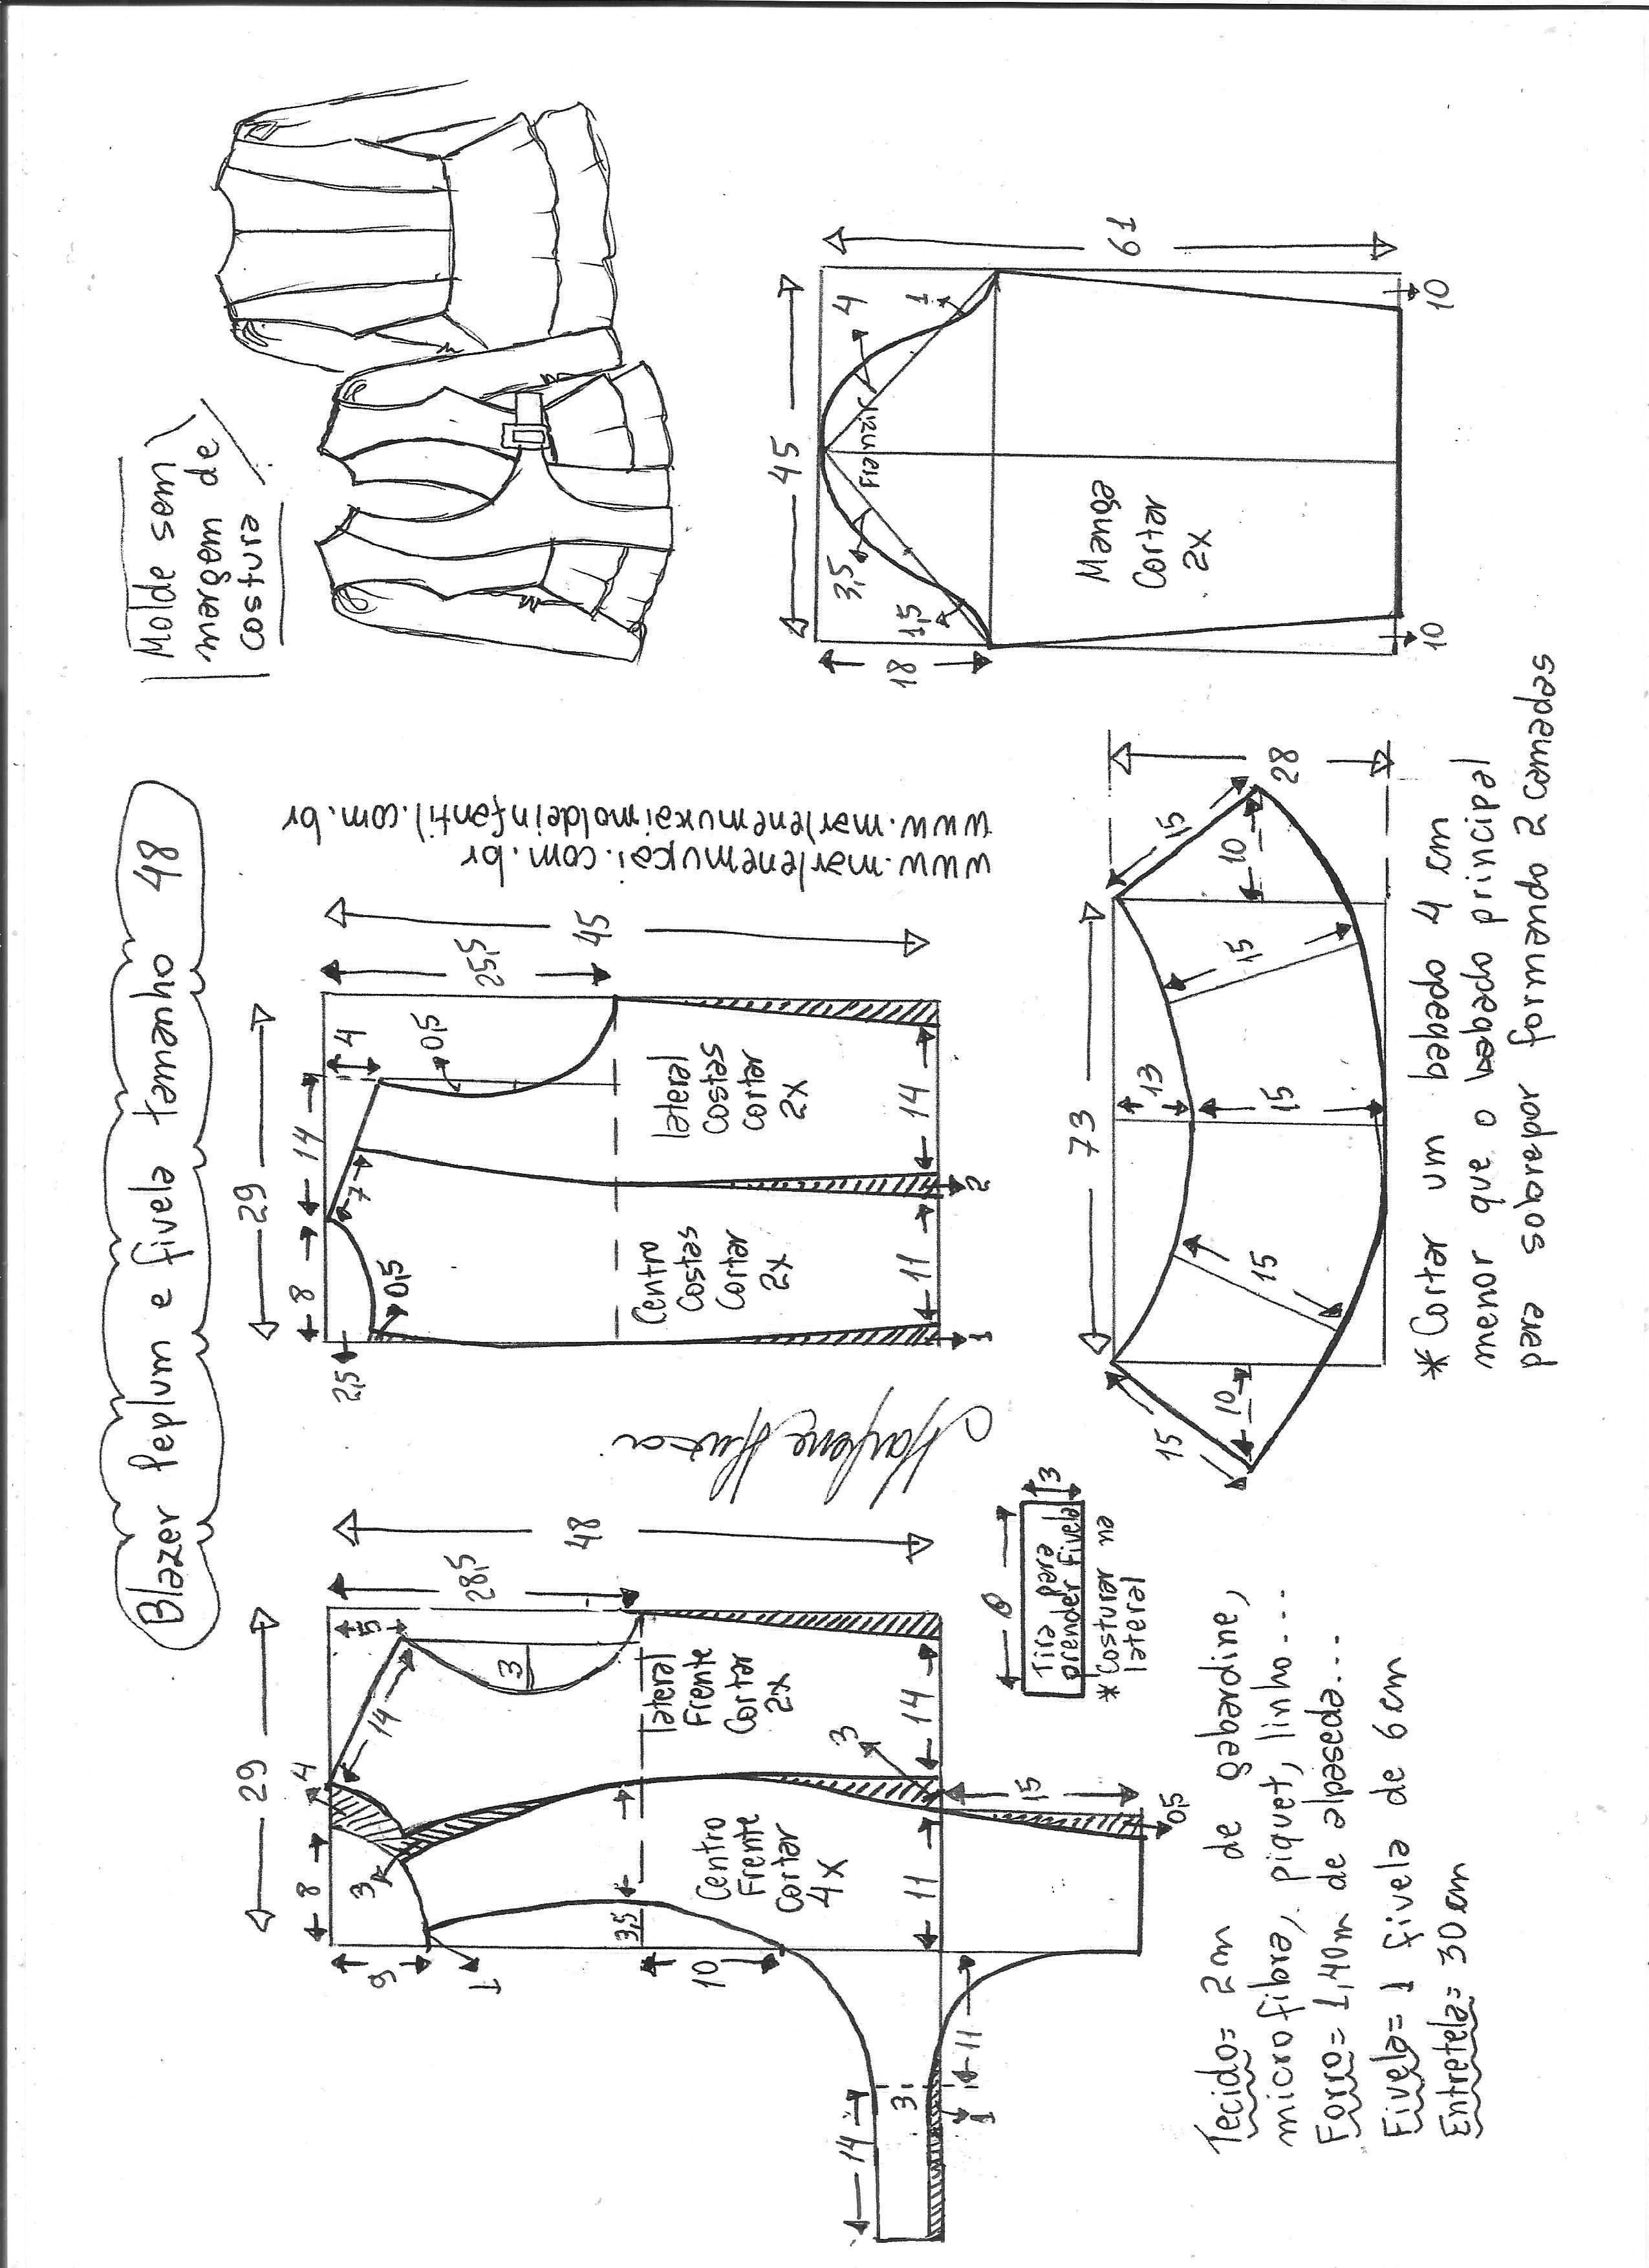 Pin de emilio serrano en ropa femenina | Chaqueta ajustada, Patrones ...